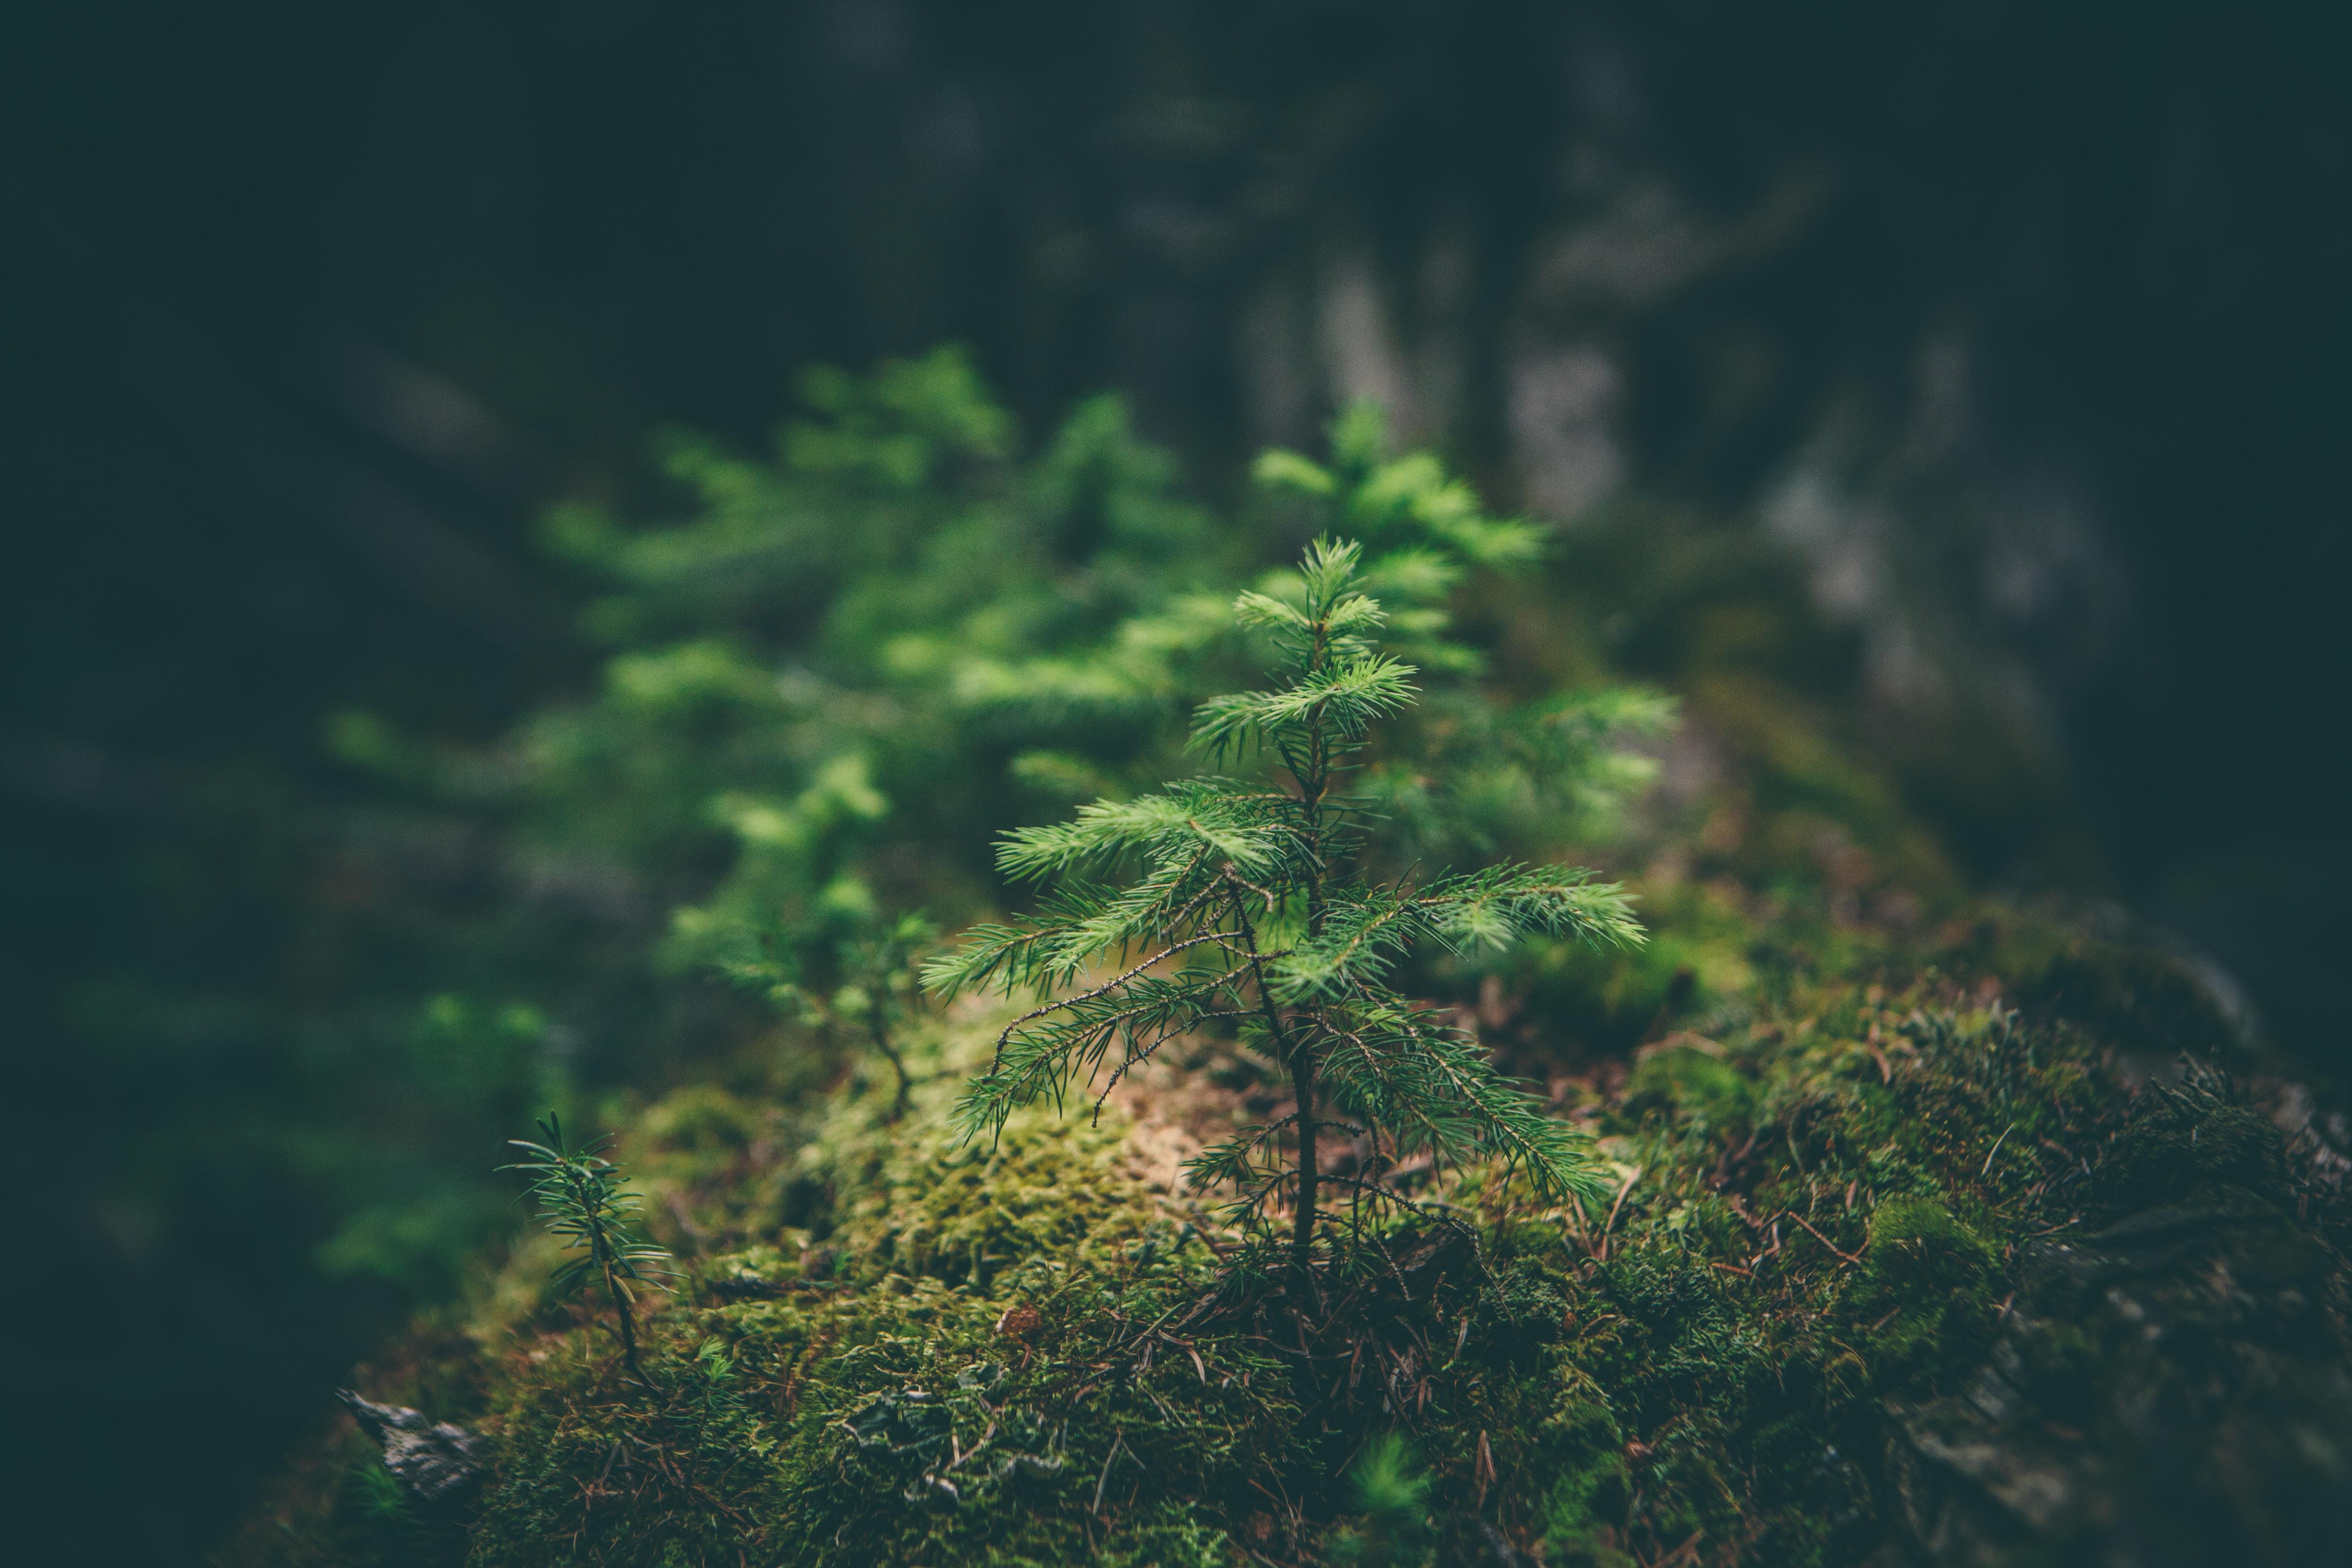 珪化木が持つ意味は?パワーストーンとしての効果一覧恋愛やお守り効果について